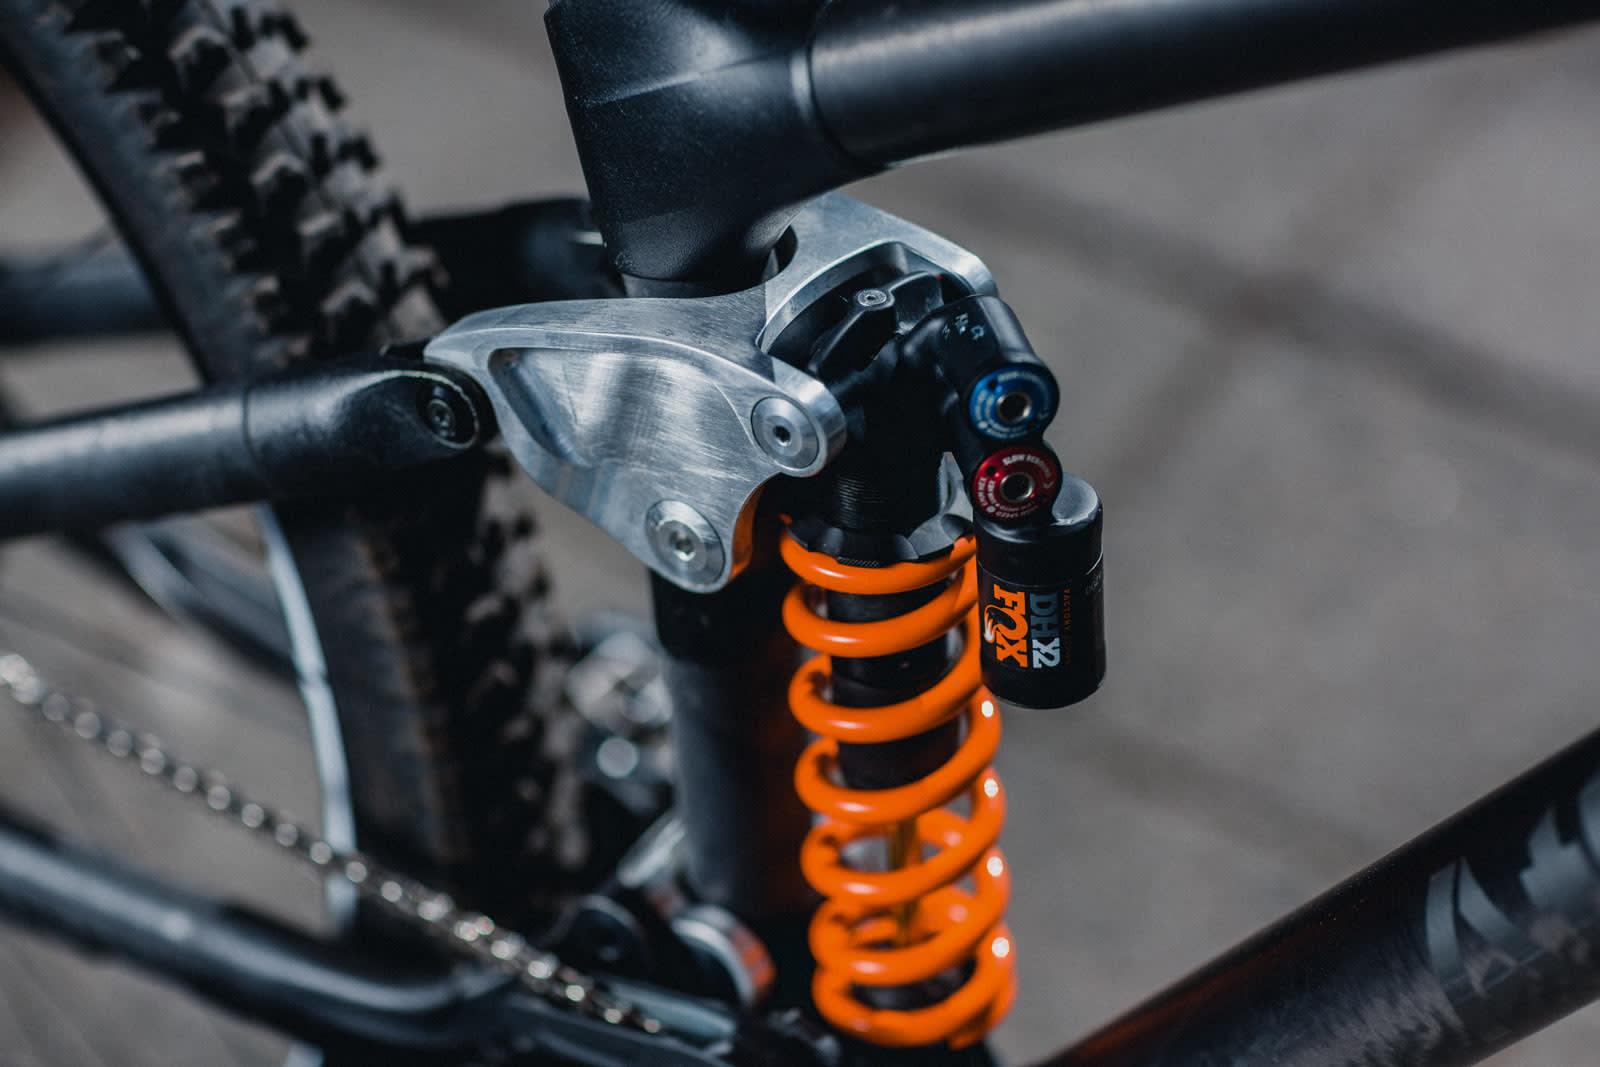 HELT RÅ: Rå materialer og lite innpakning er en gjenganger på sykkelen. Bakrammen dempes av en Fox DHX2-bakdemper med en 475-punds fjær.